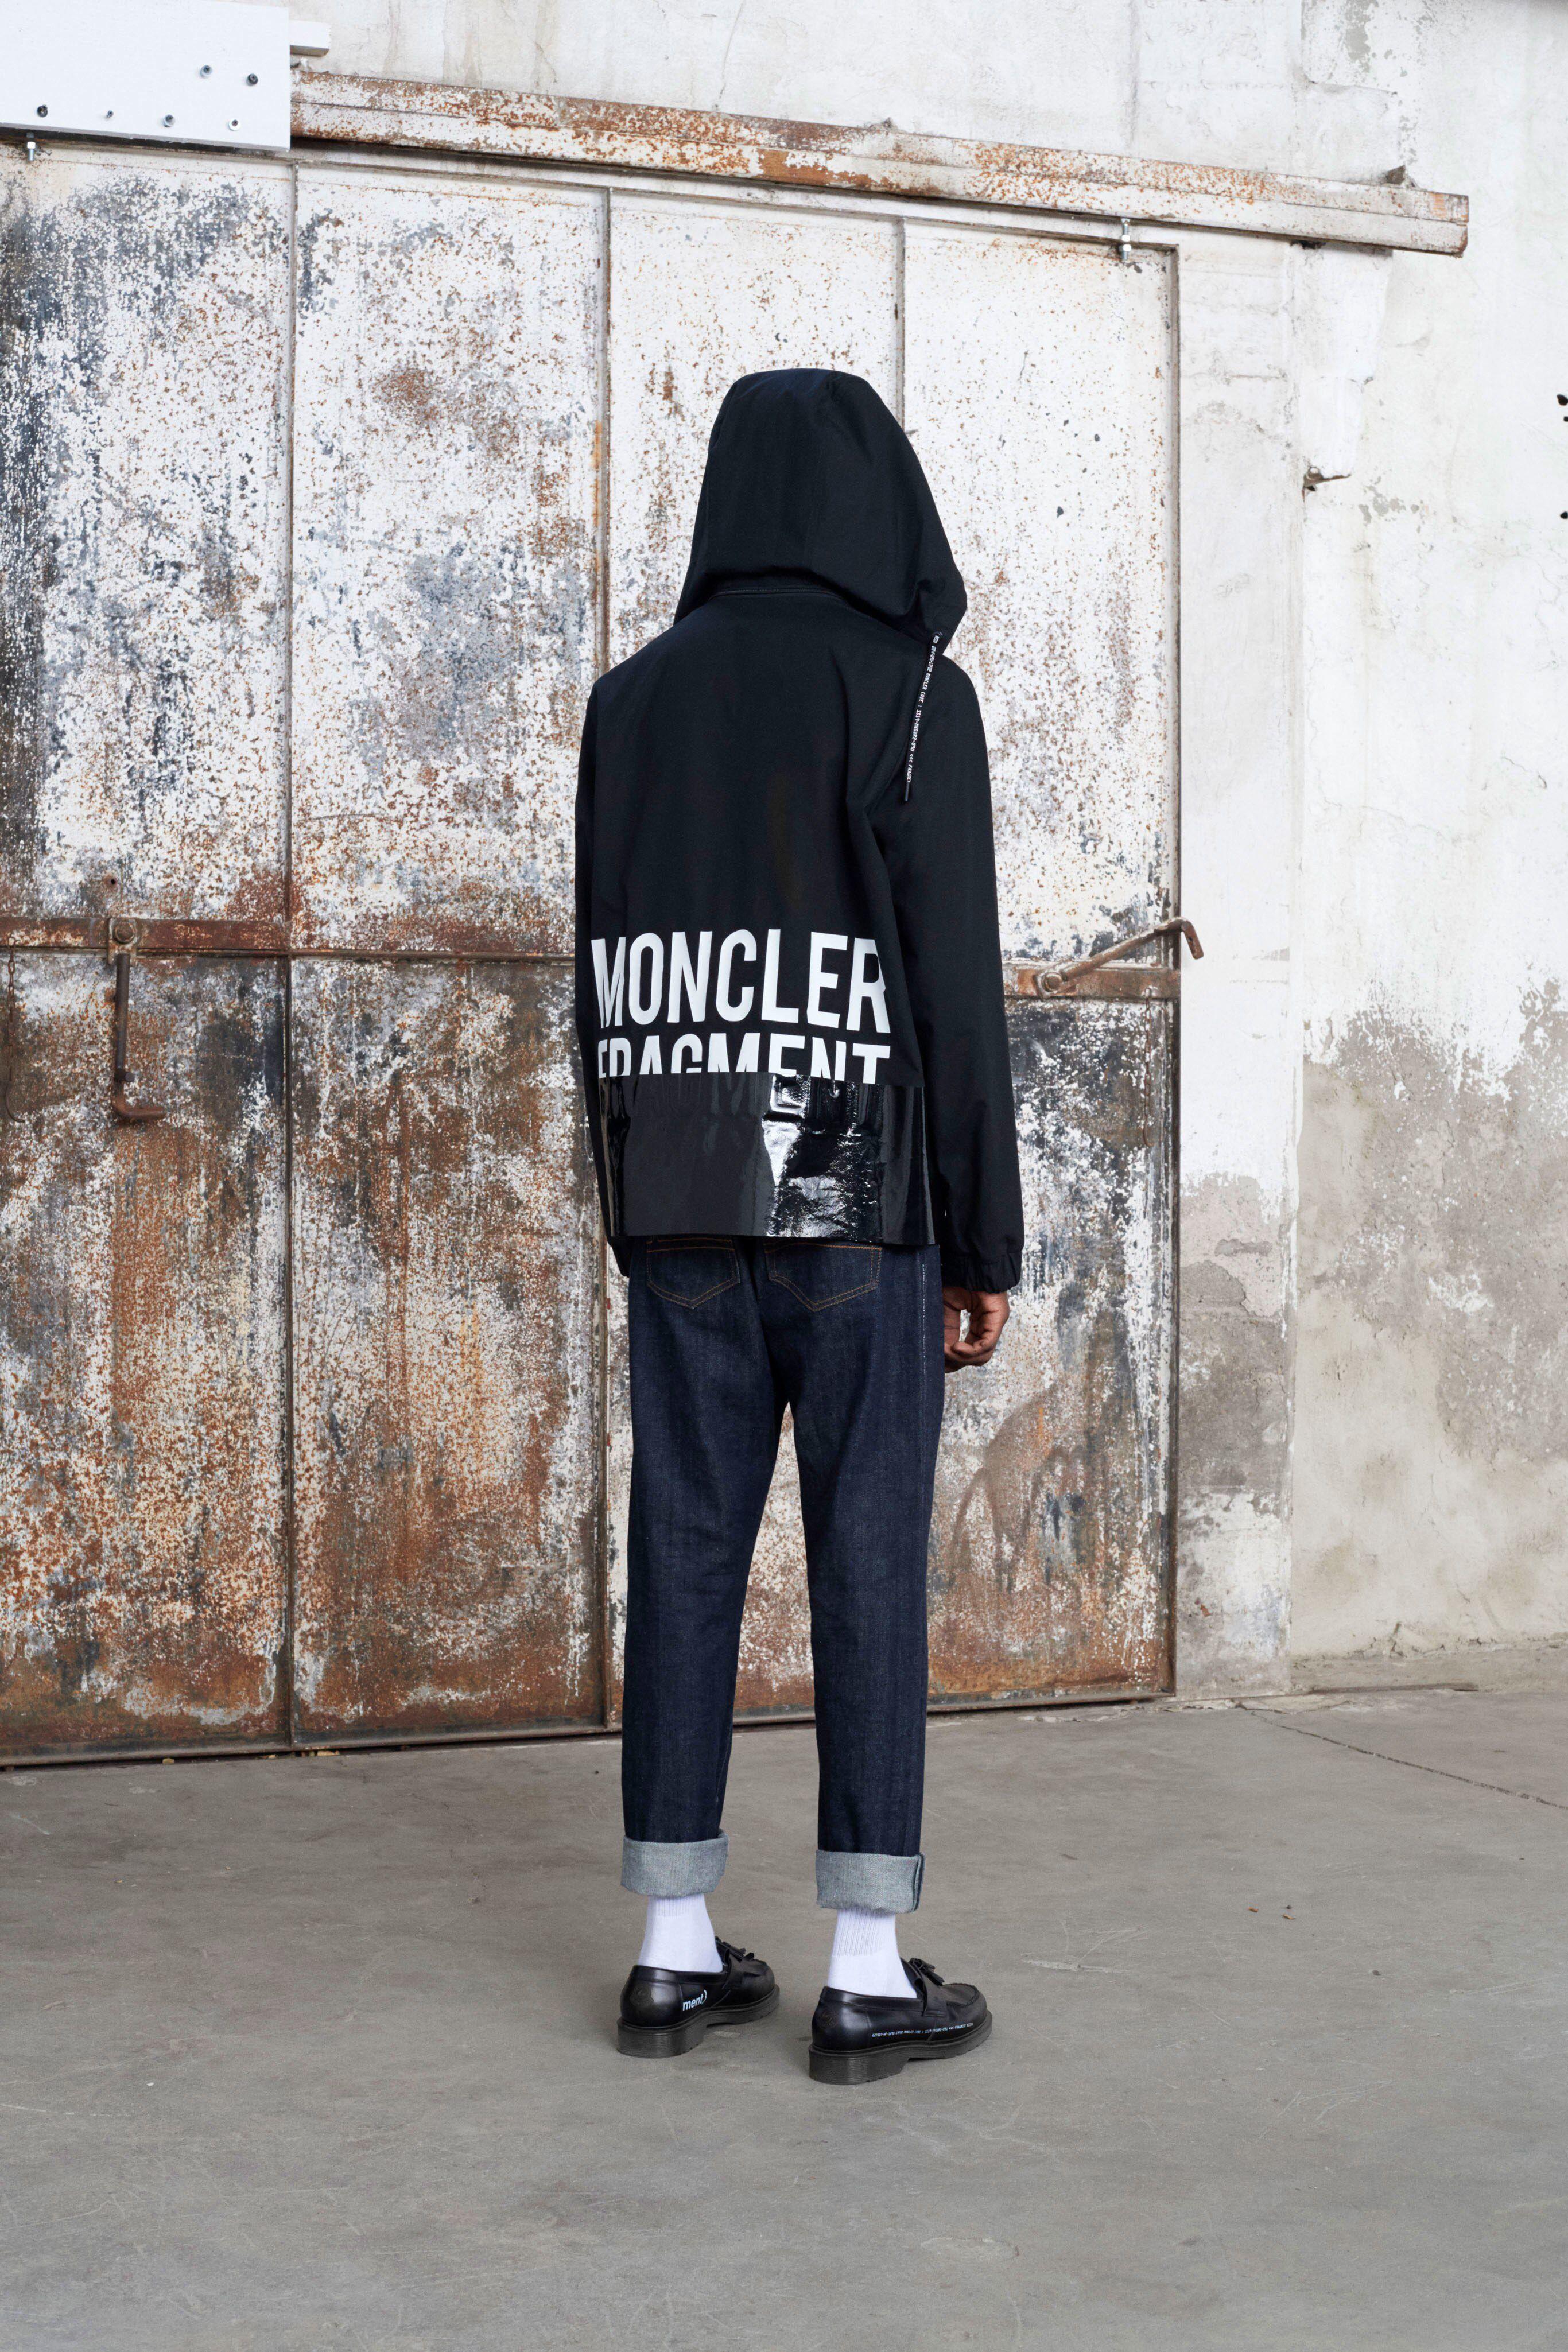 bc486b8de Moncler 7 Fragment Hiroshi Fujiwara Spring 2019 Ready-to-Wear ...